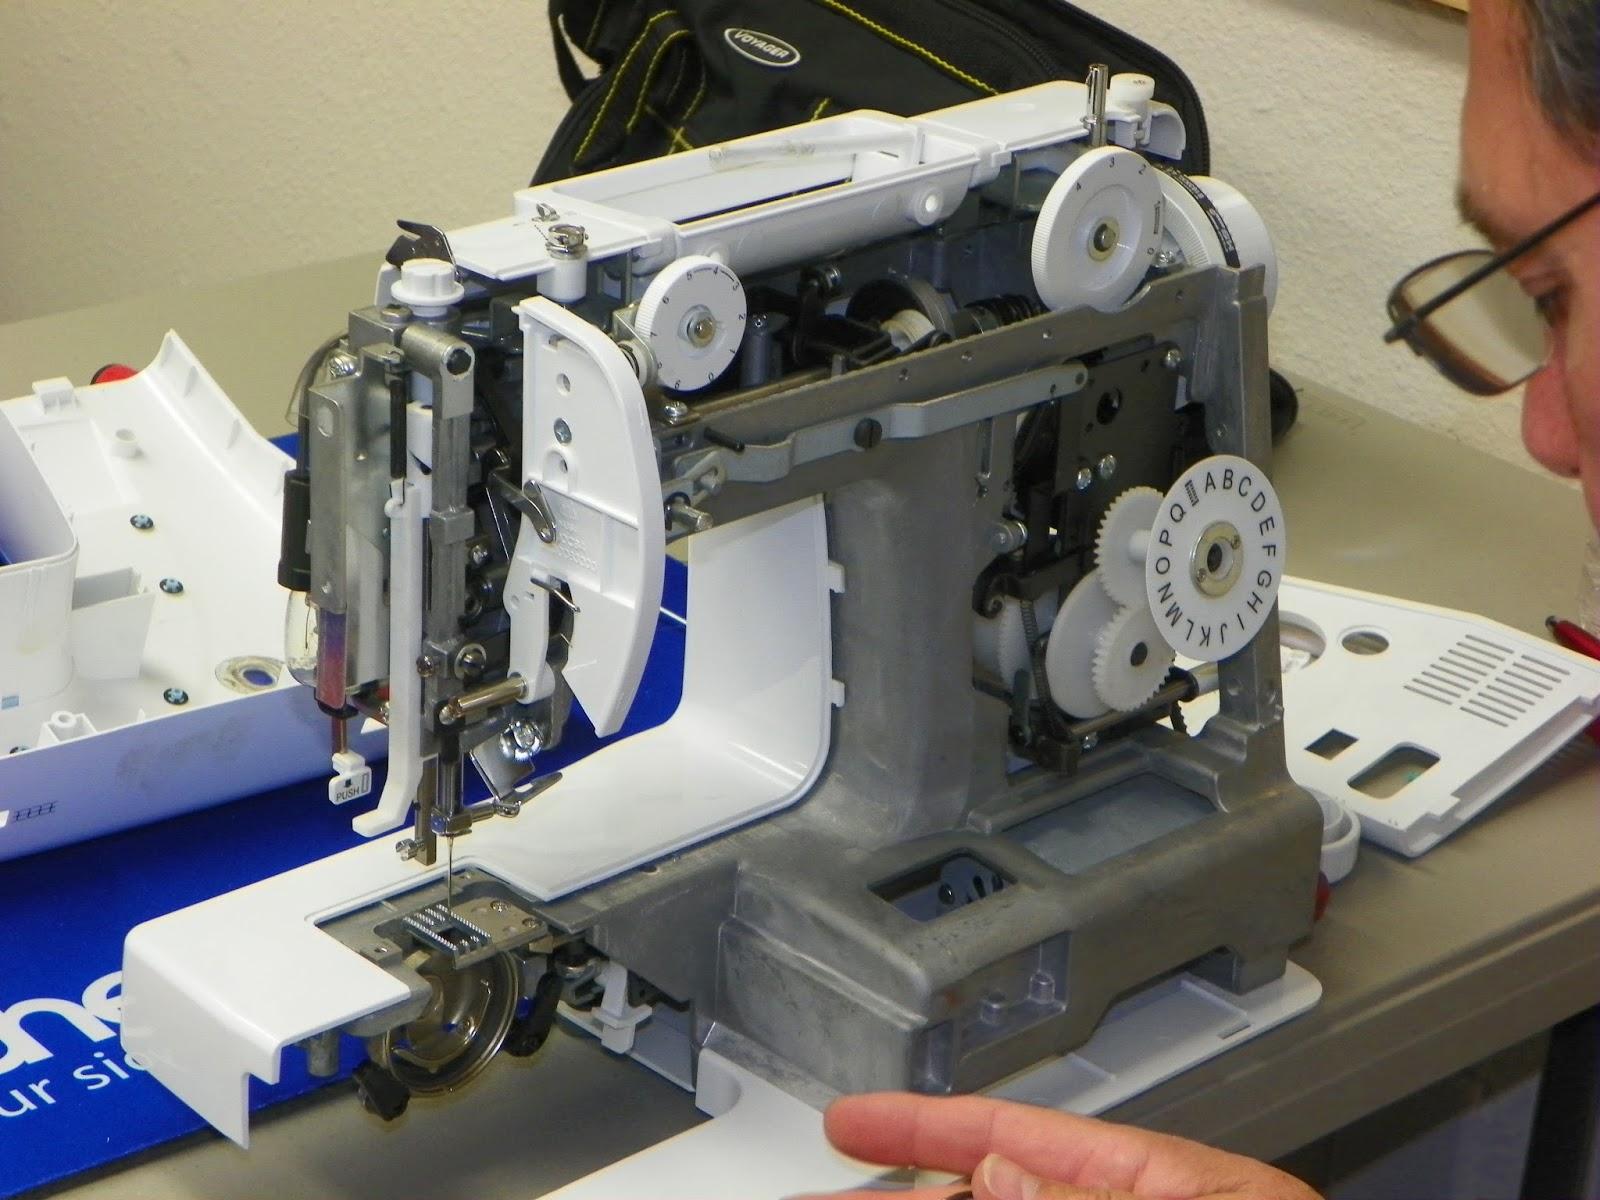 Sewing Machine Repair: 7/19/15 - 7/26/15